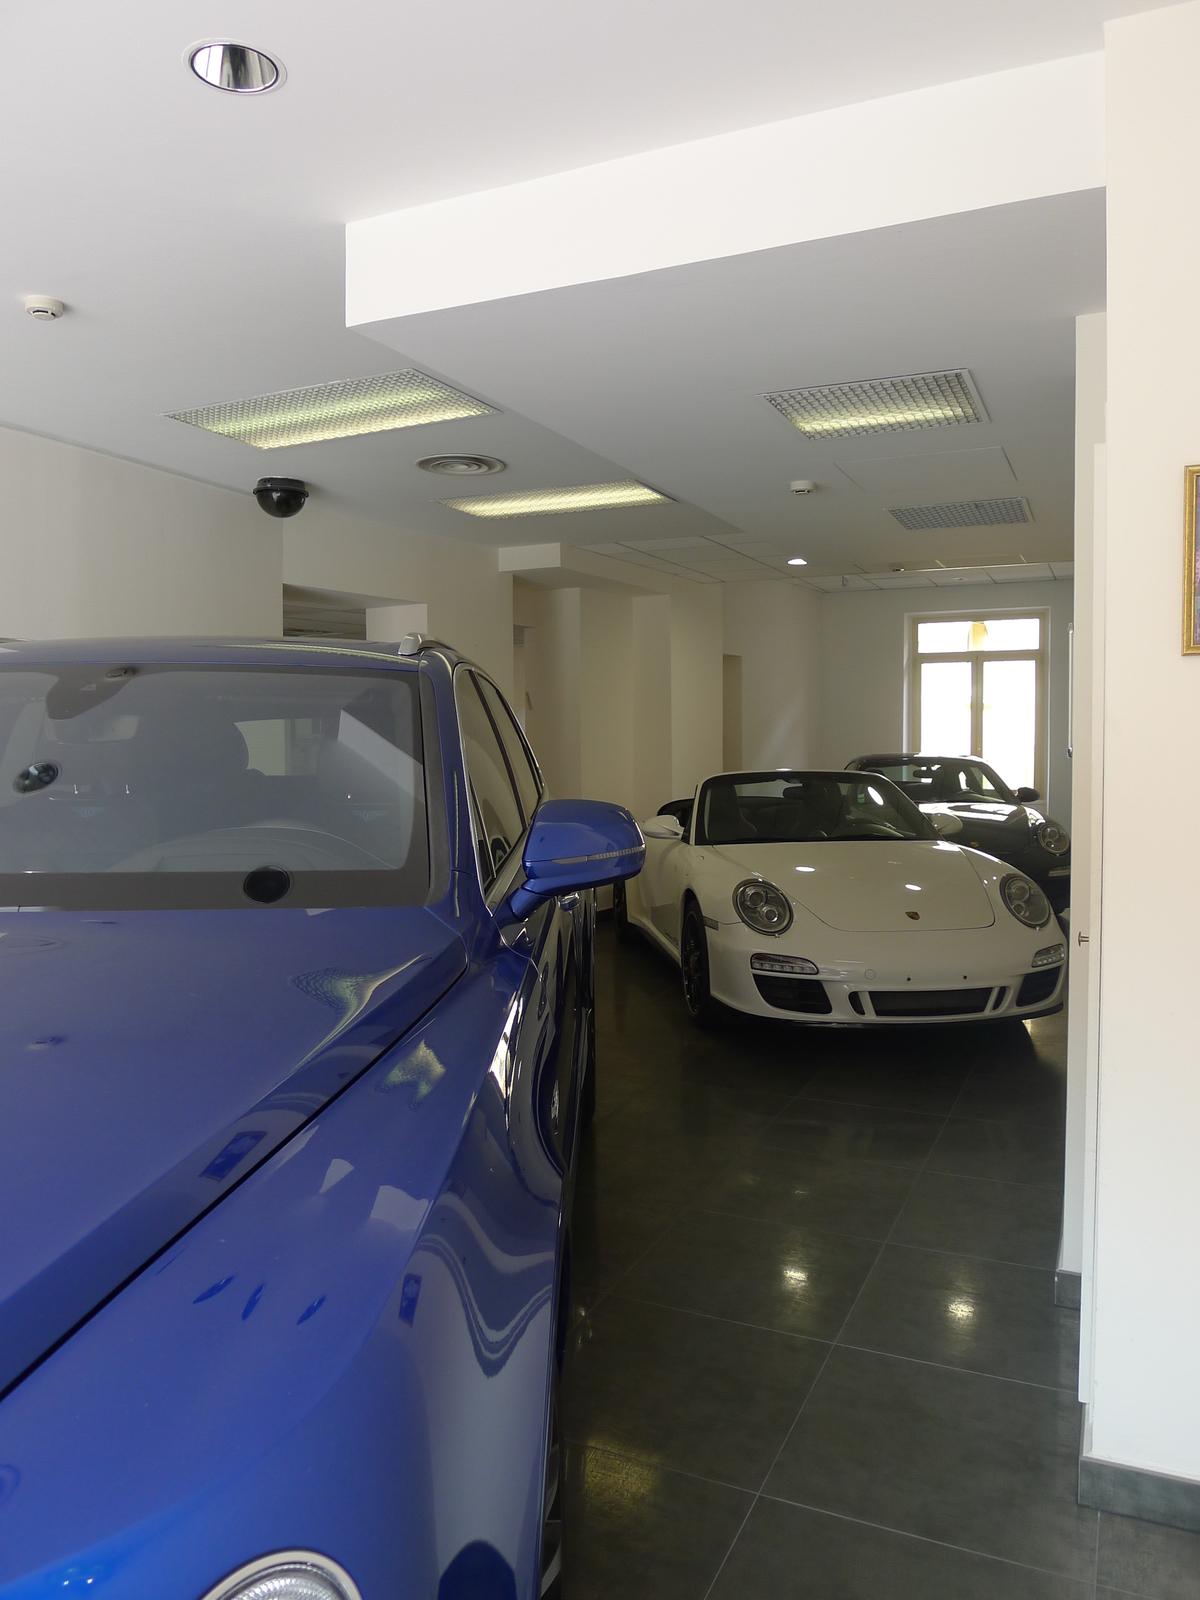 GRANDE OPPORTUNITÀ - VENDESI DIRITTO DI AFFITTO - Uffici in vendita a MonteCarlo